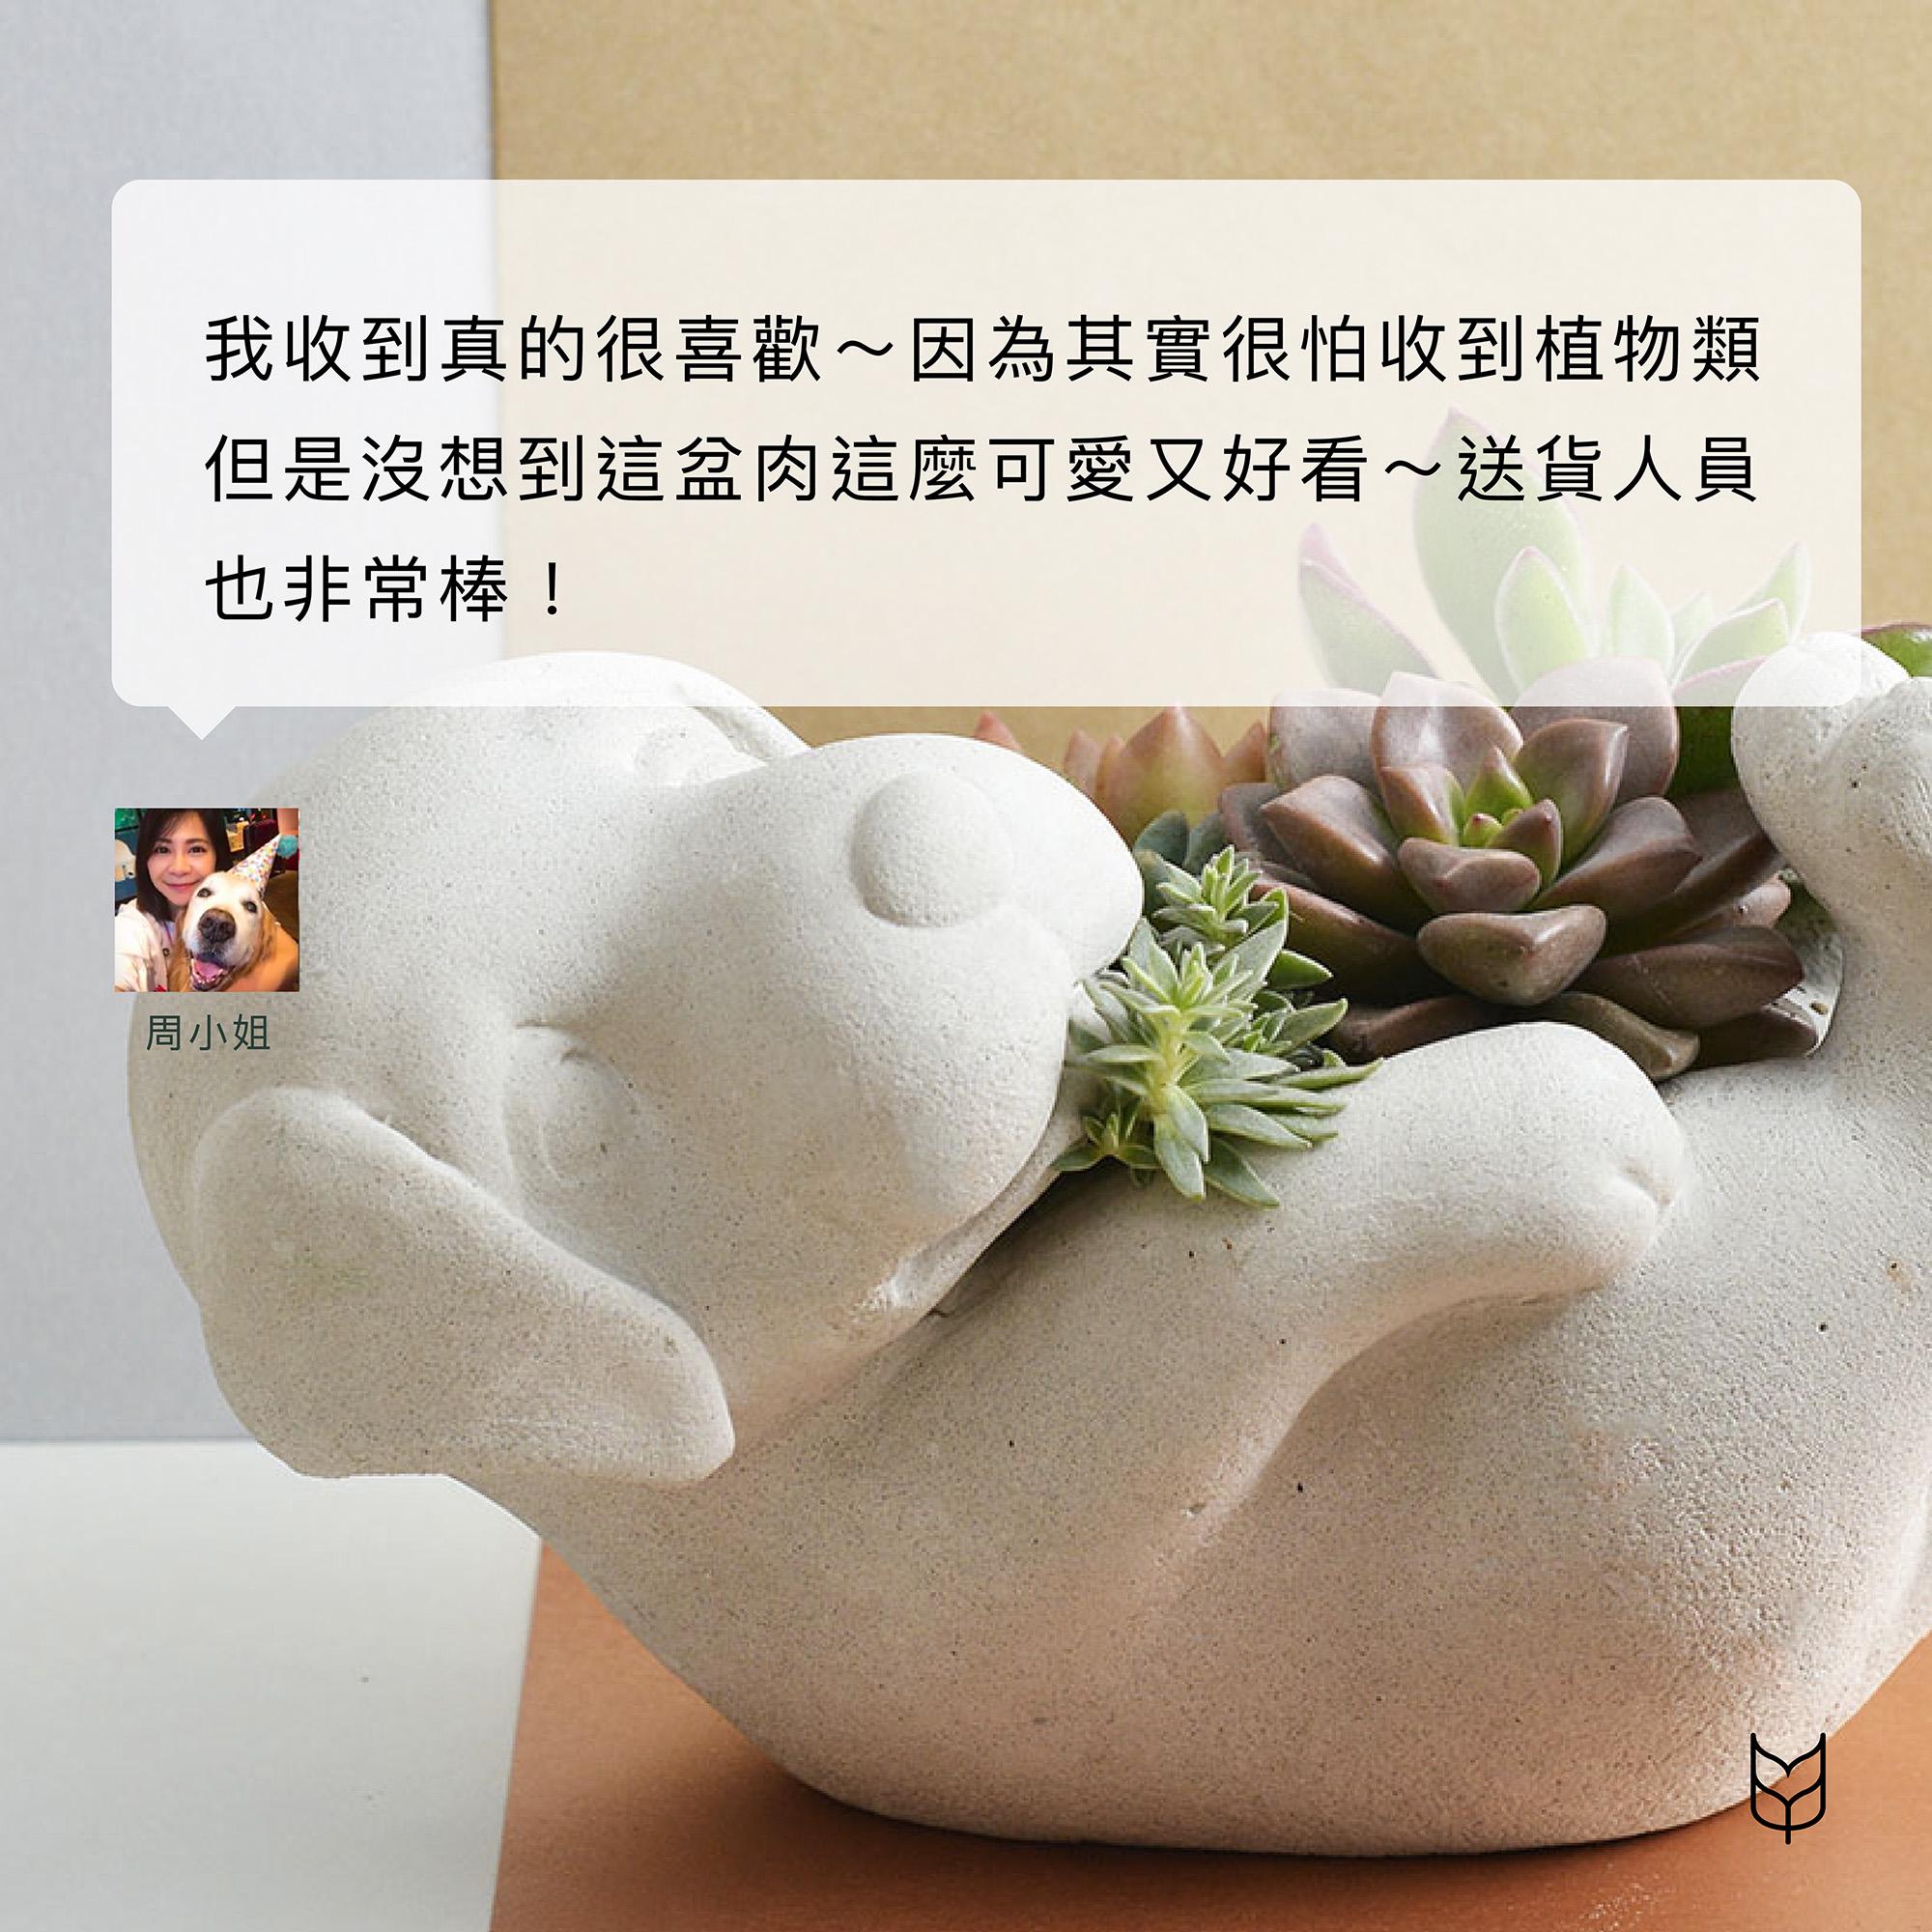 萌萌狗 - 招貴人組盆 10